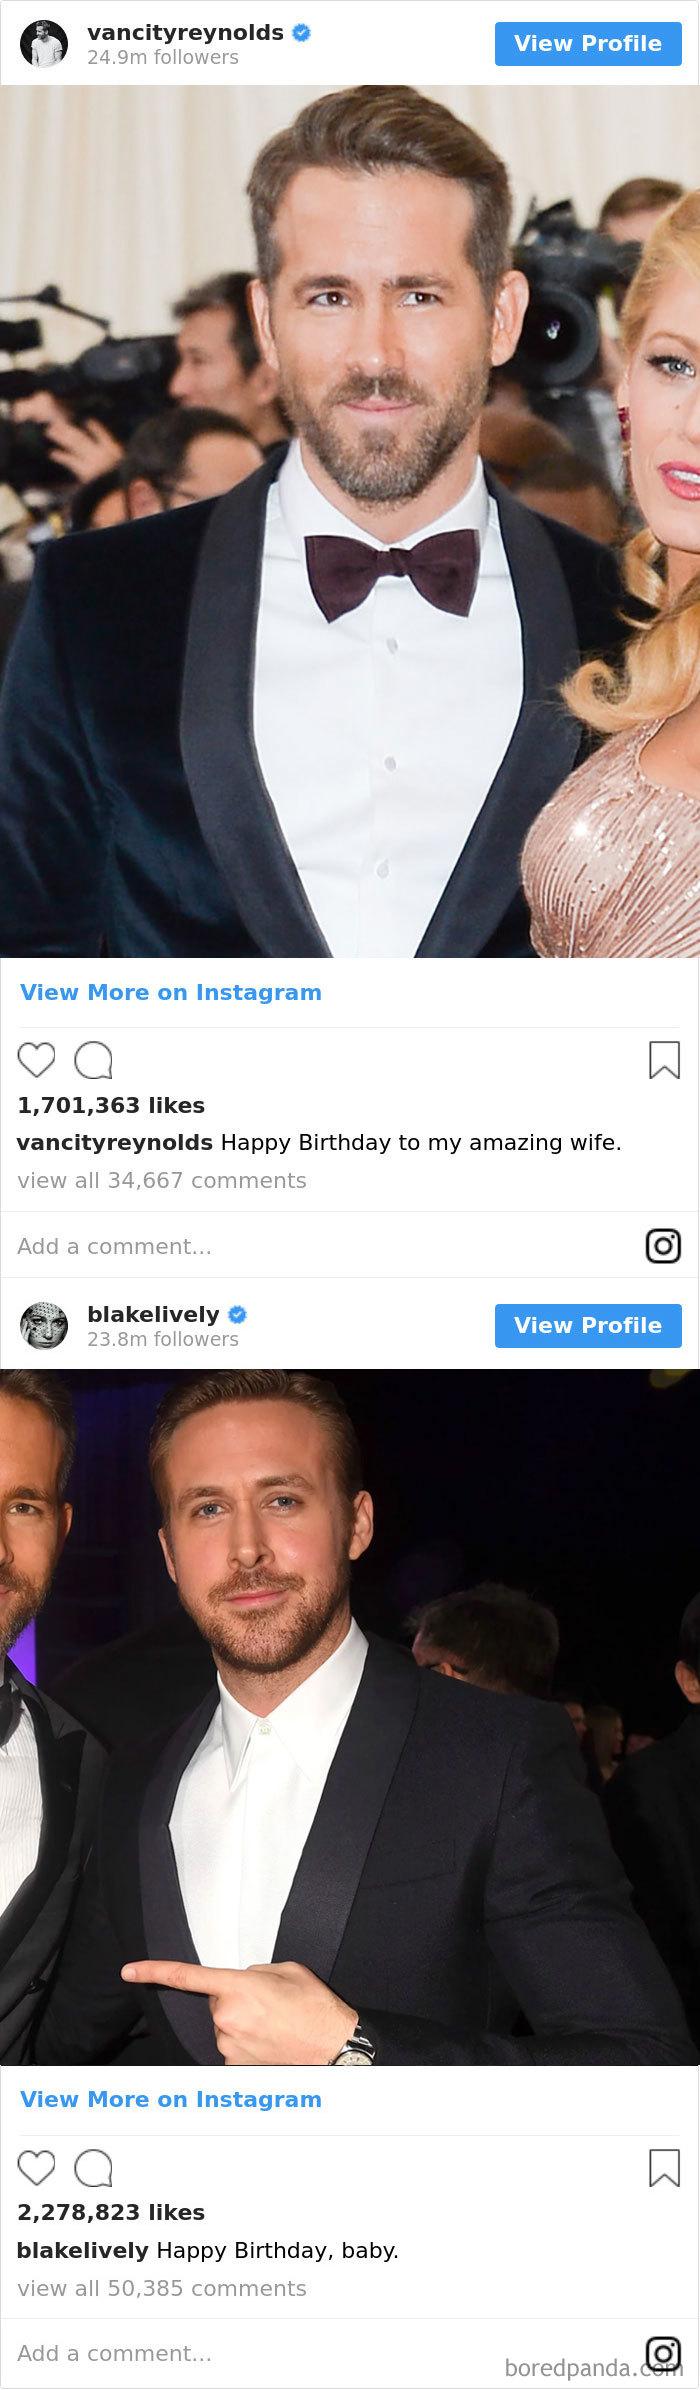 La forma en que él y su esposa se engañaban mutuamente incluso en los cumpleaños